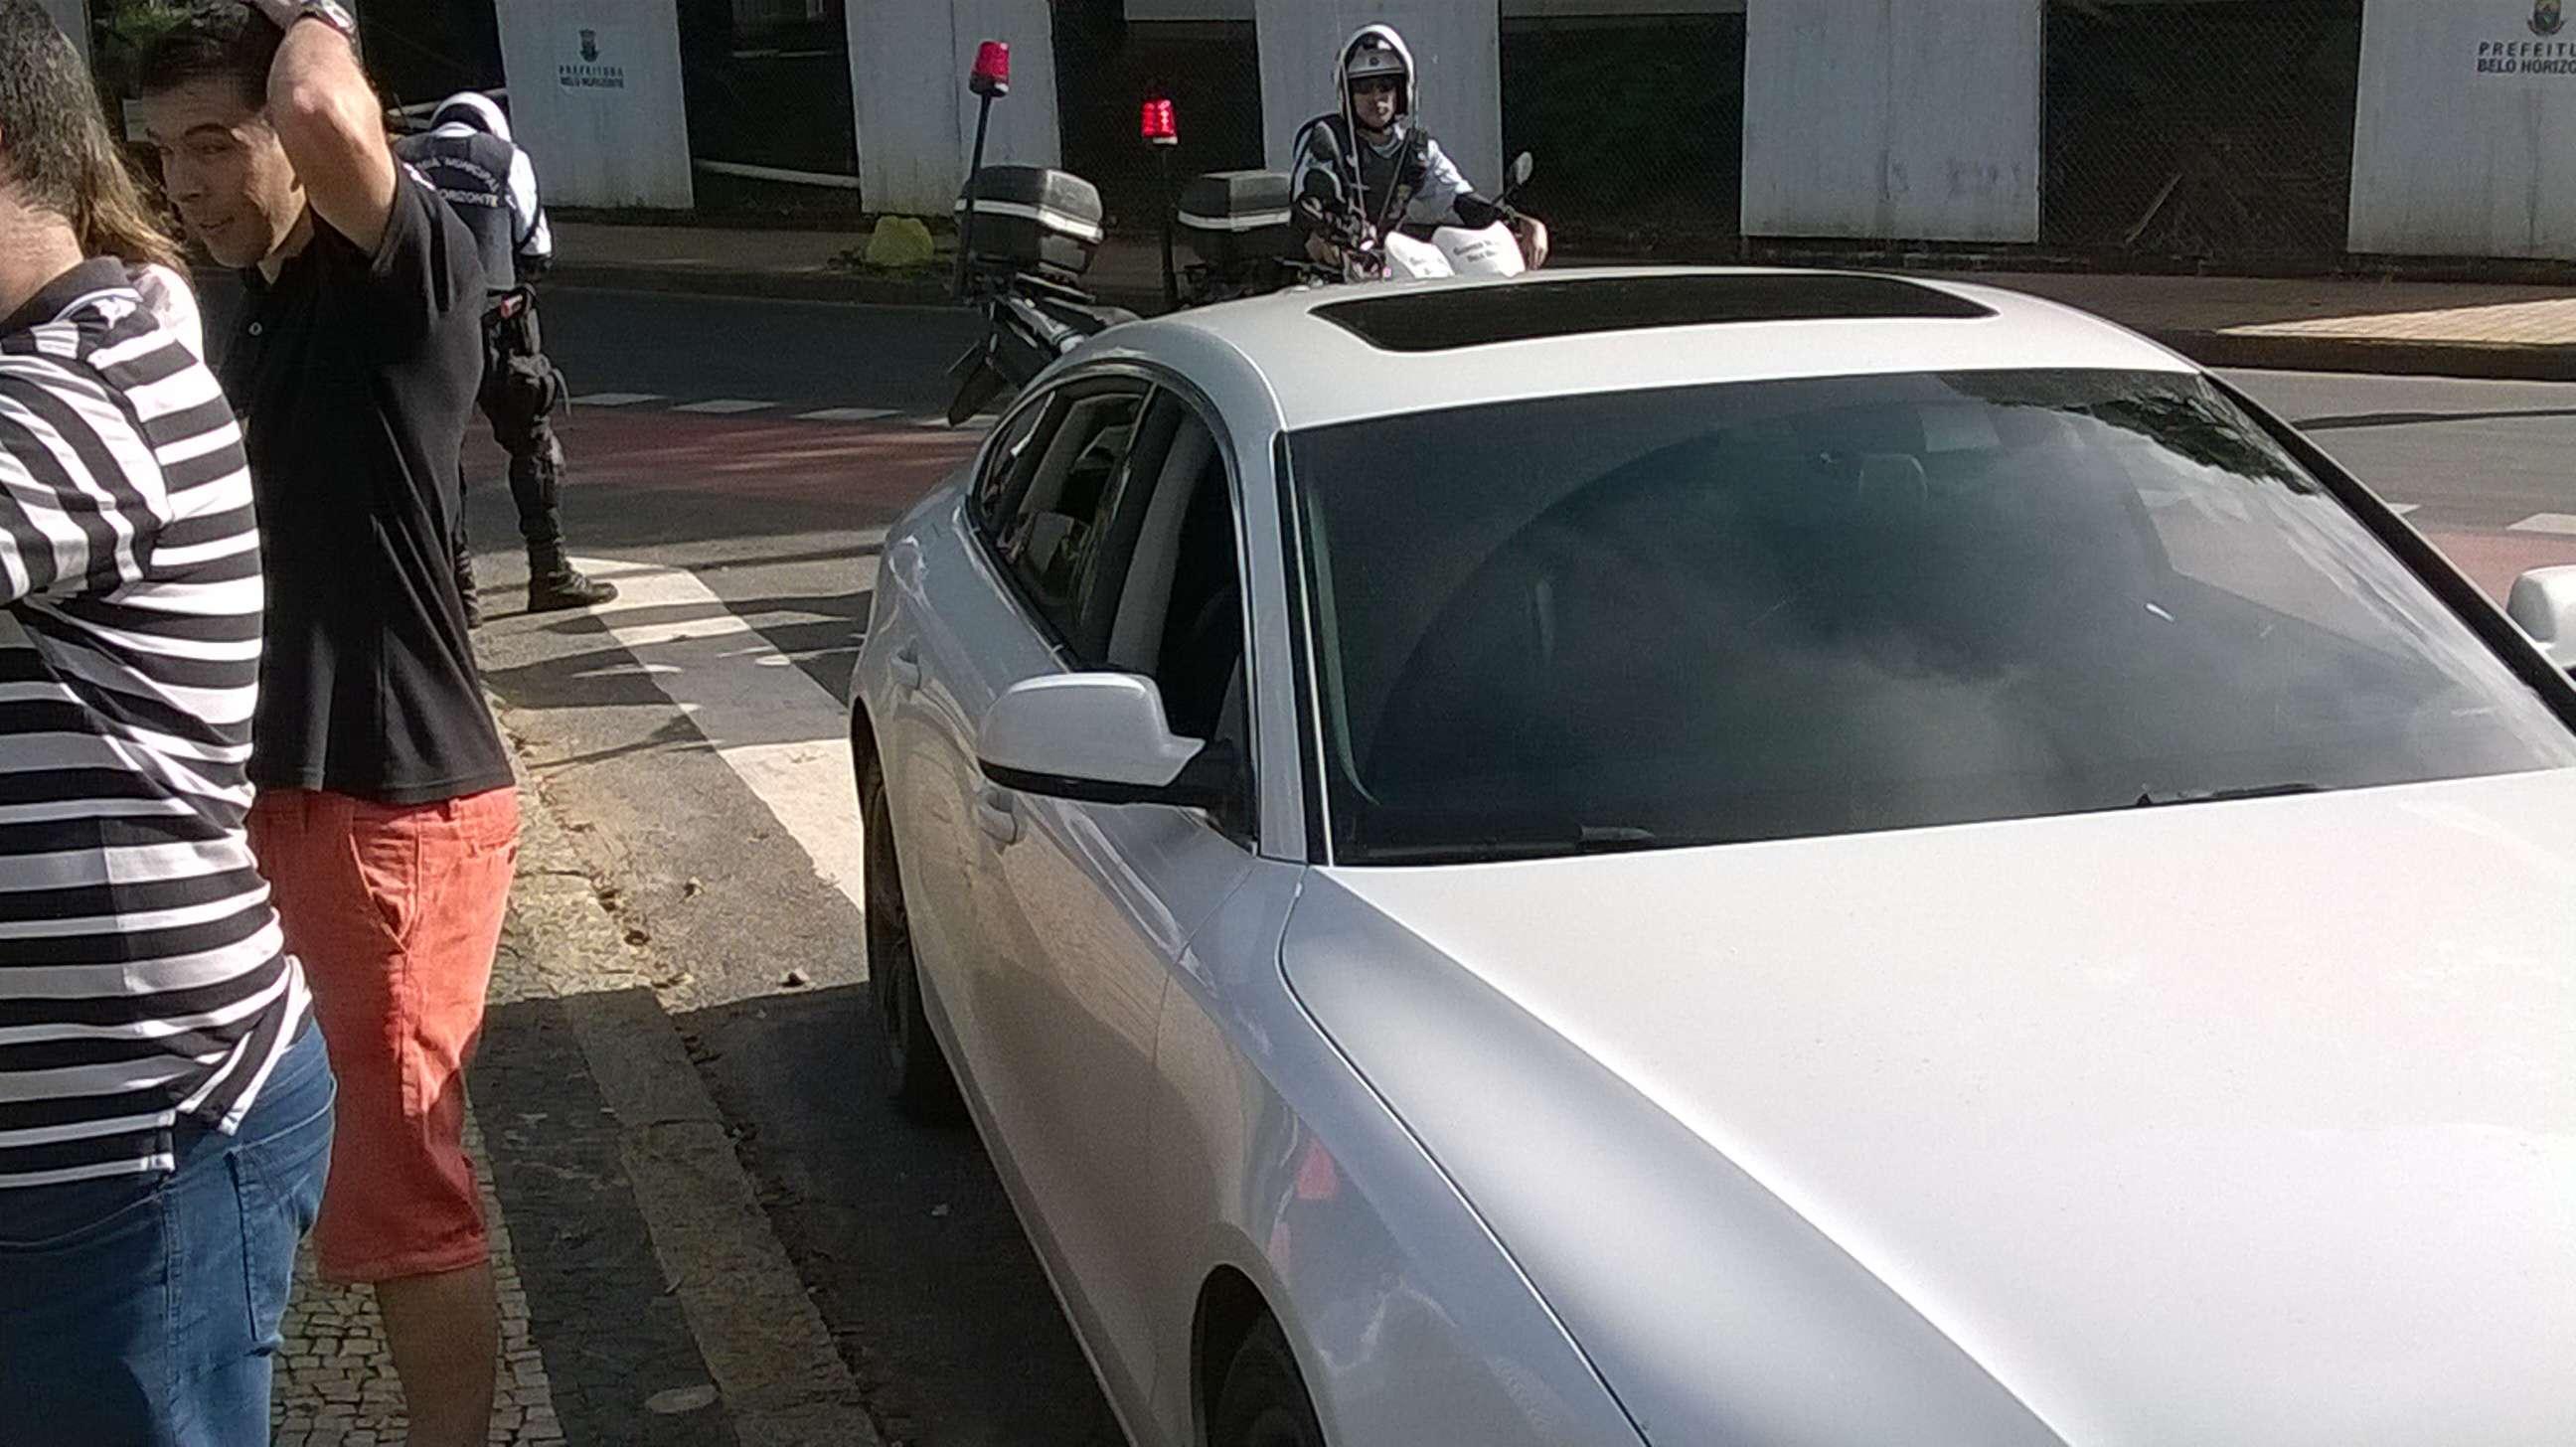 Leandro Donizete parou carro em faixa de pedestres para atender jornalistas, mas escapou de multa Foto: Marcellus Madureira/Marcellus Madureira Rodrigues de Oliveira - ME - Especial para o Terra